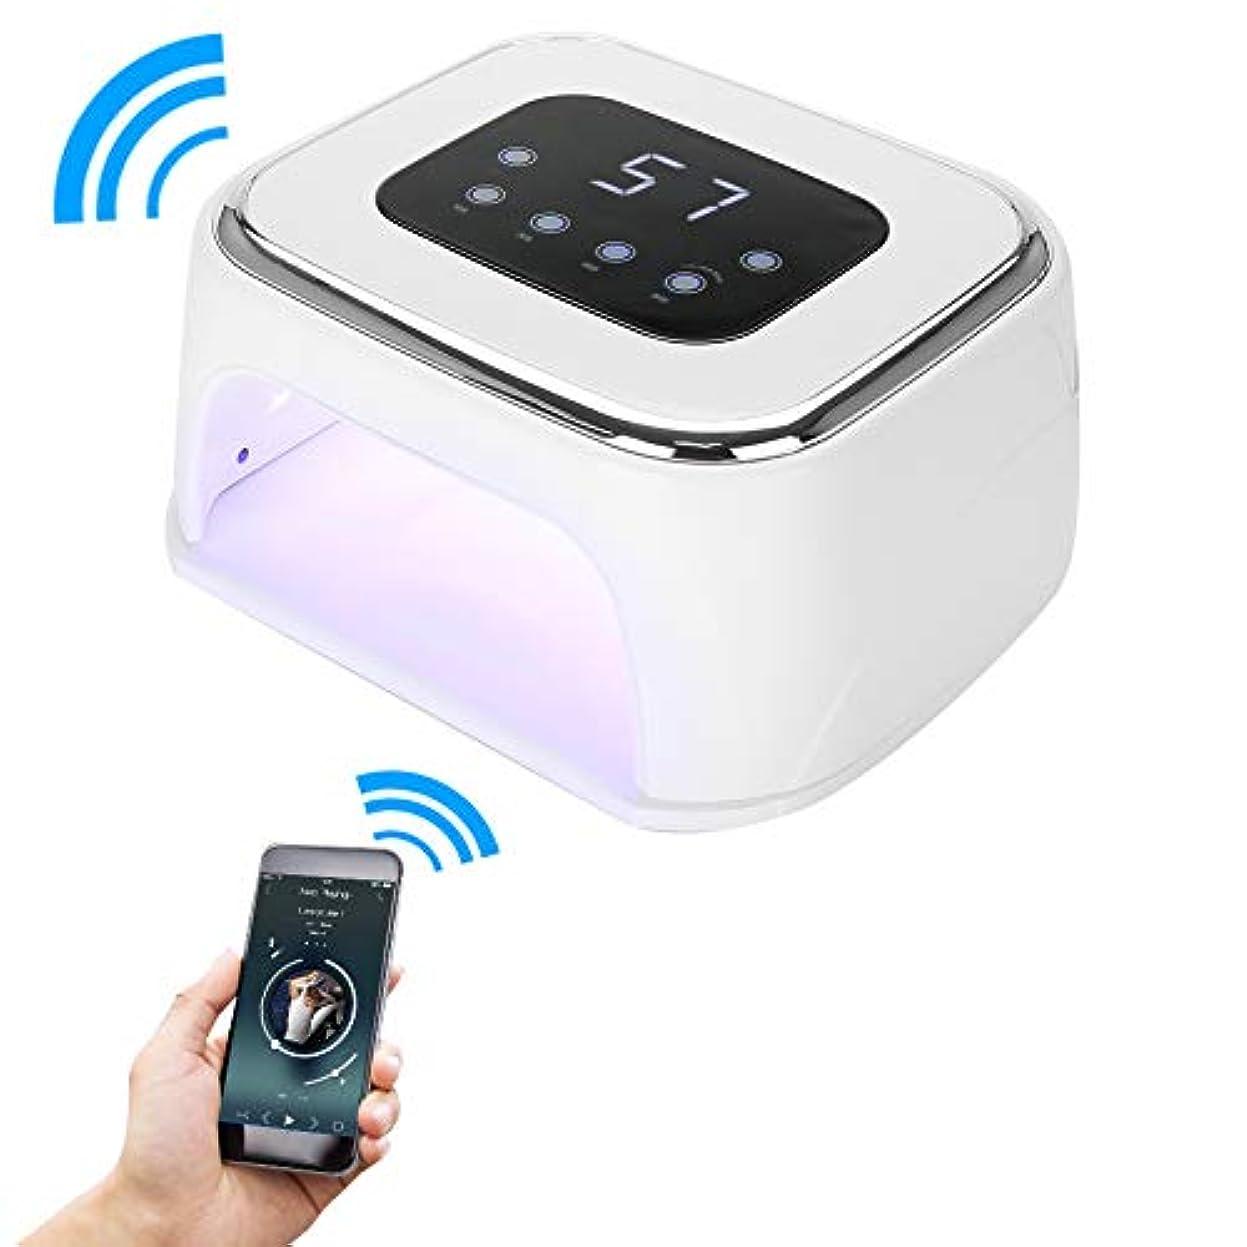 イブ魅了する寝室を掃除するネイルドライヤー 84W 強力ドライヤー 42個LEDライト Bluetooth機能搭載 便利操作 内部広い&LCDディスプレイ タイマー 自動センサー